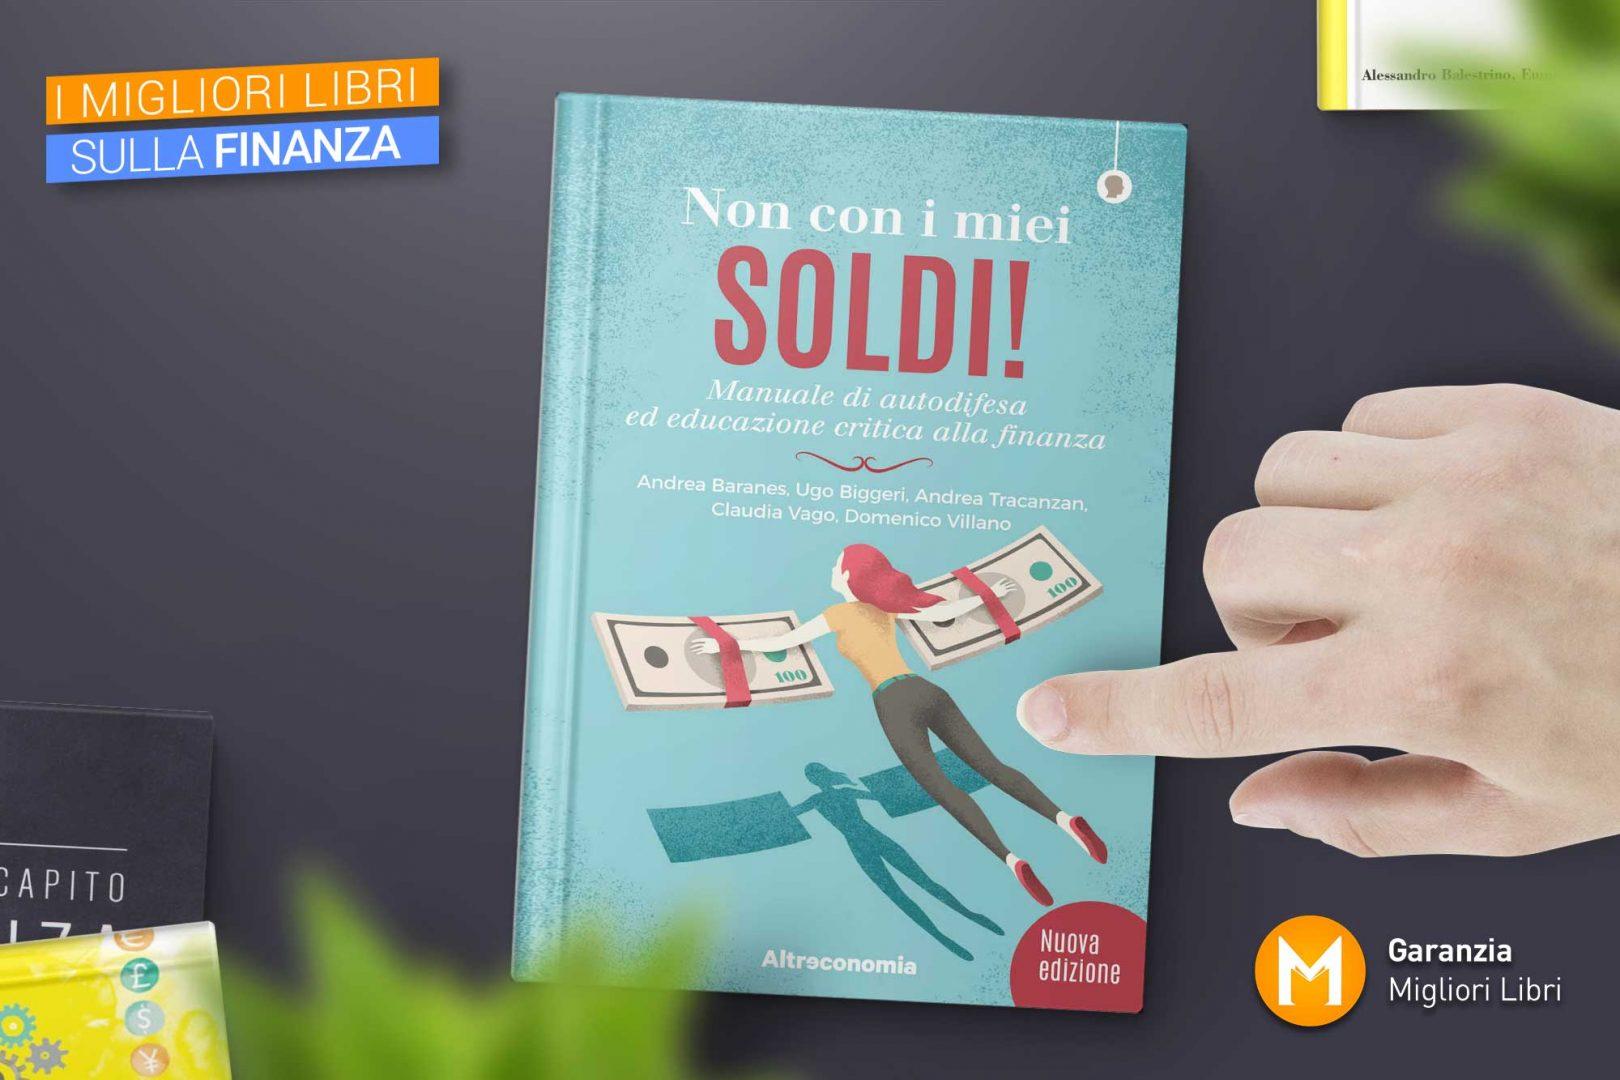 non-con-i-miei-soldi-libro-finanza